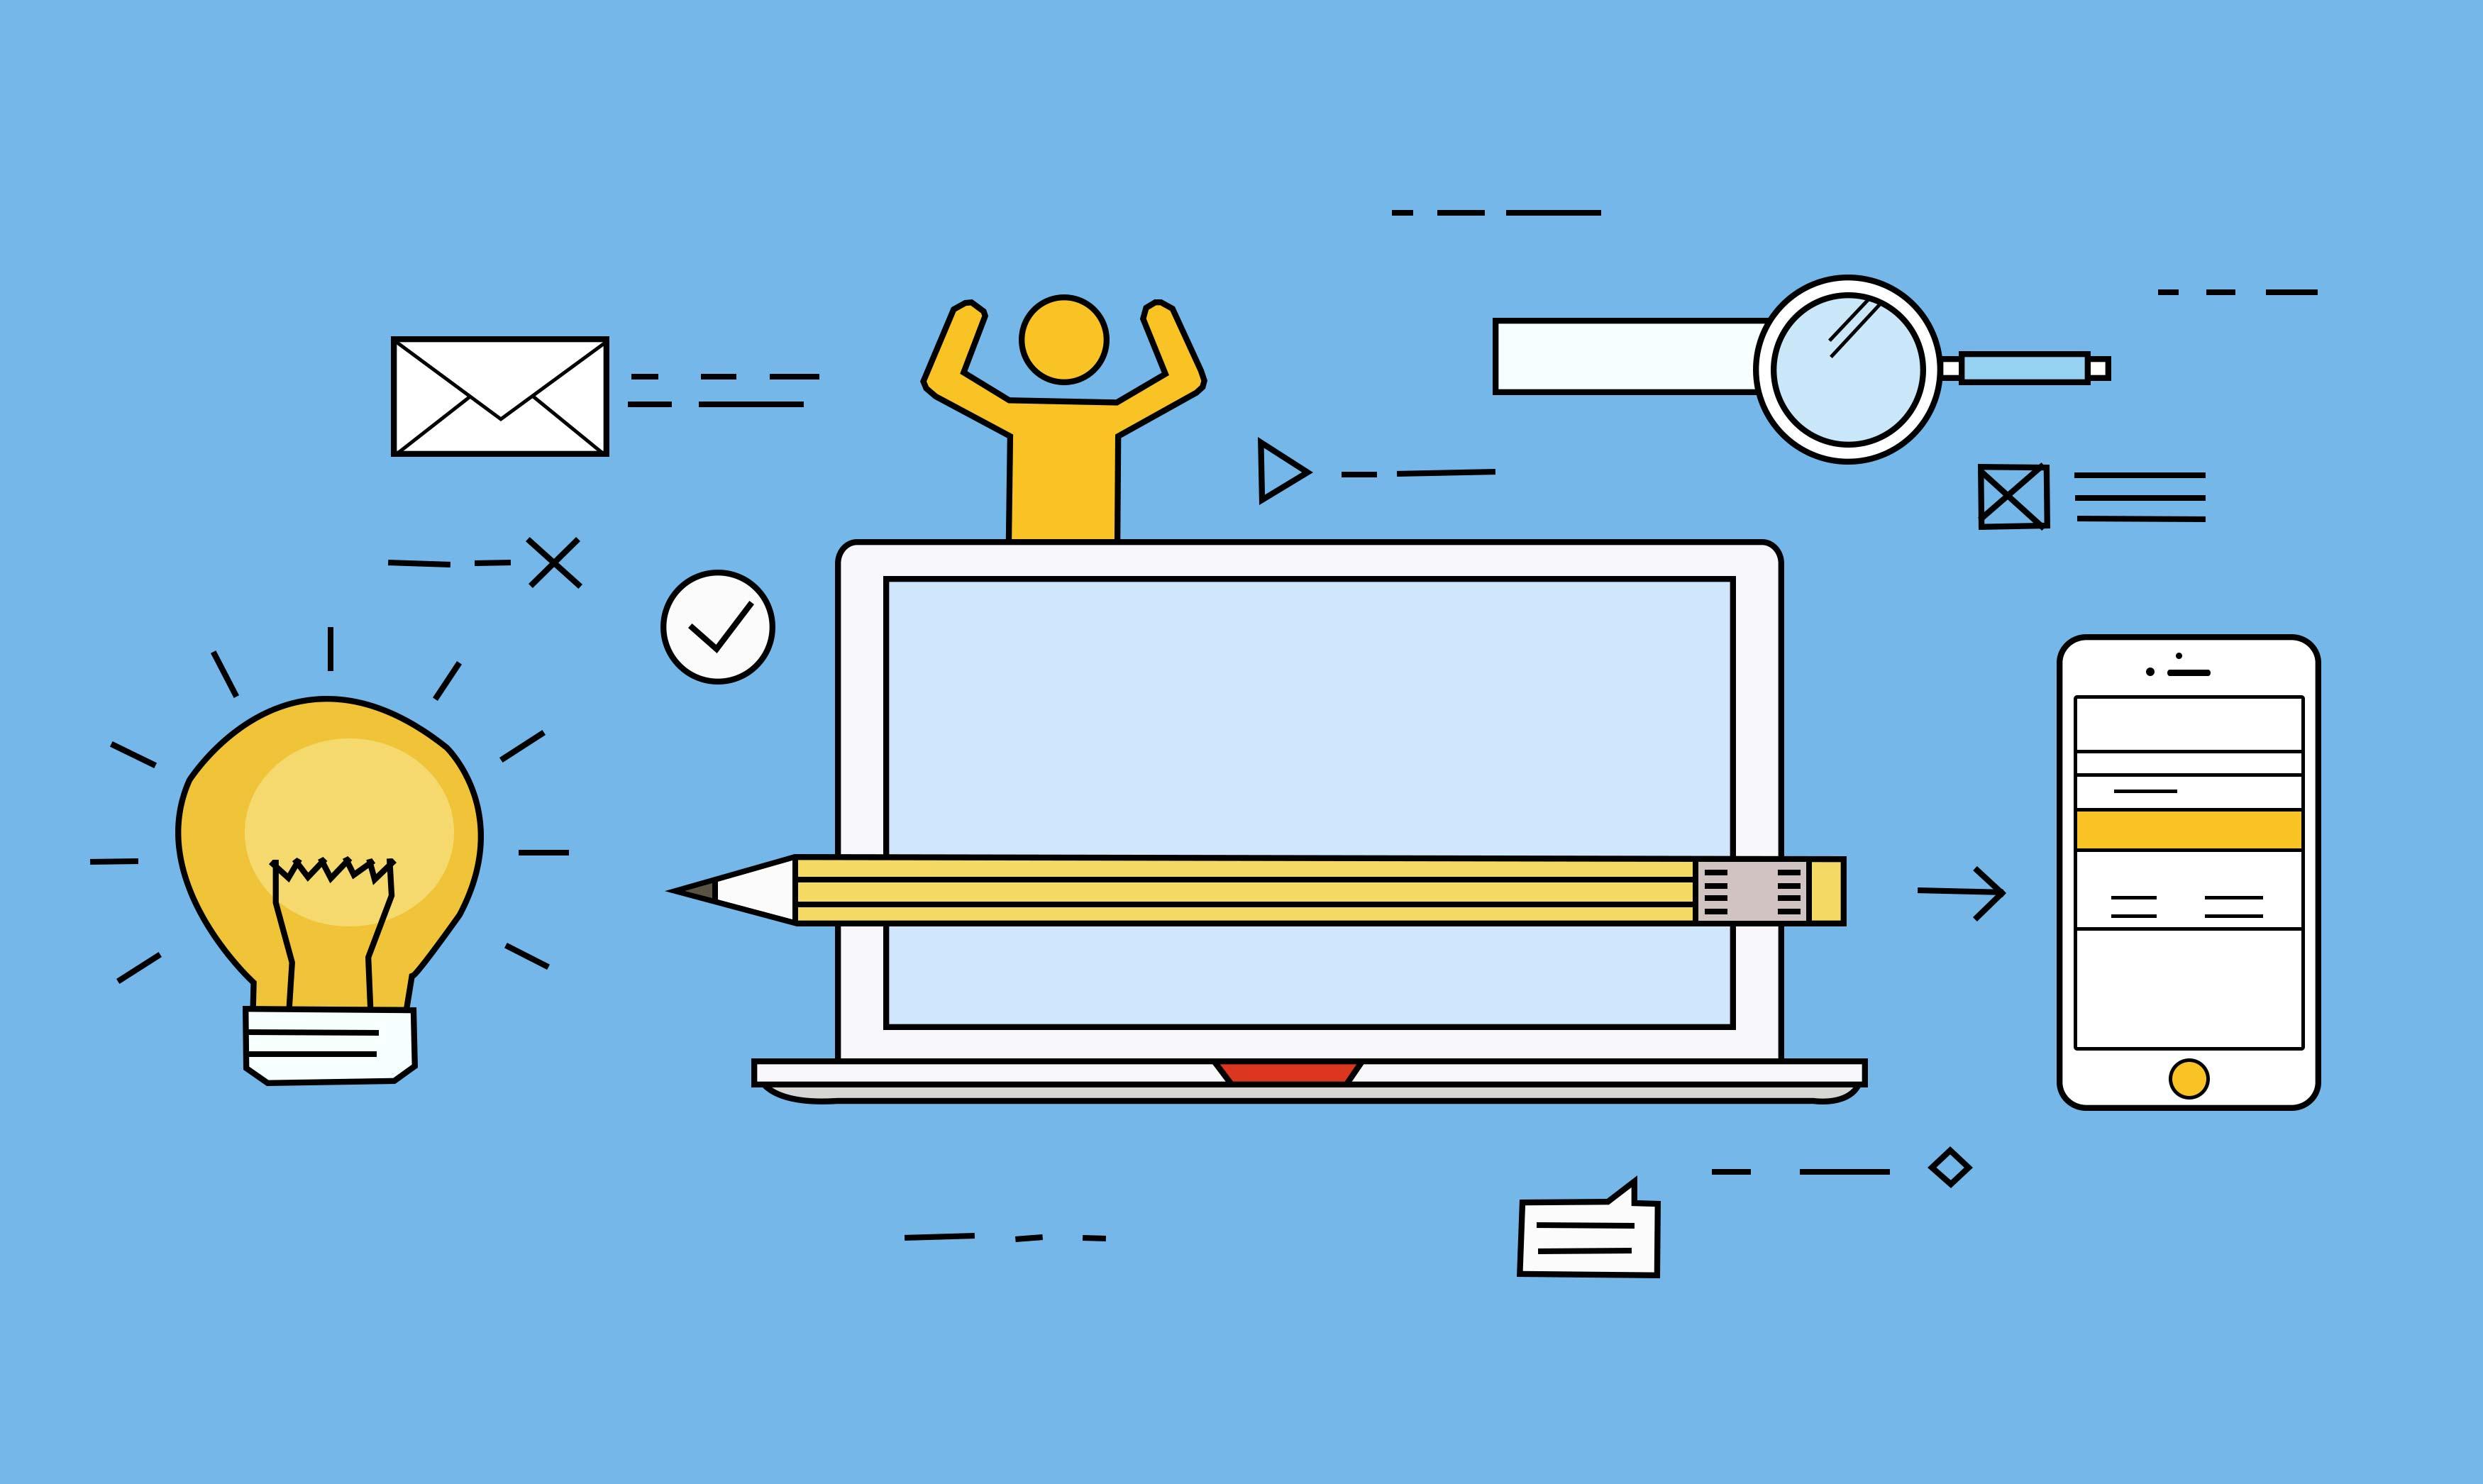 网站建设从哪些方面提升用户体验